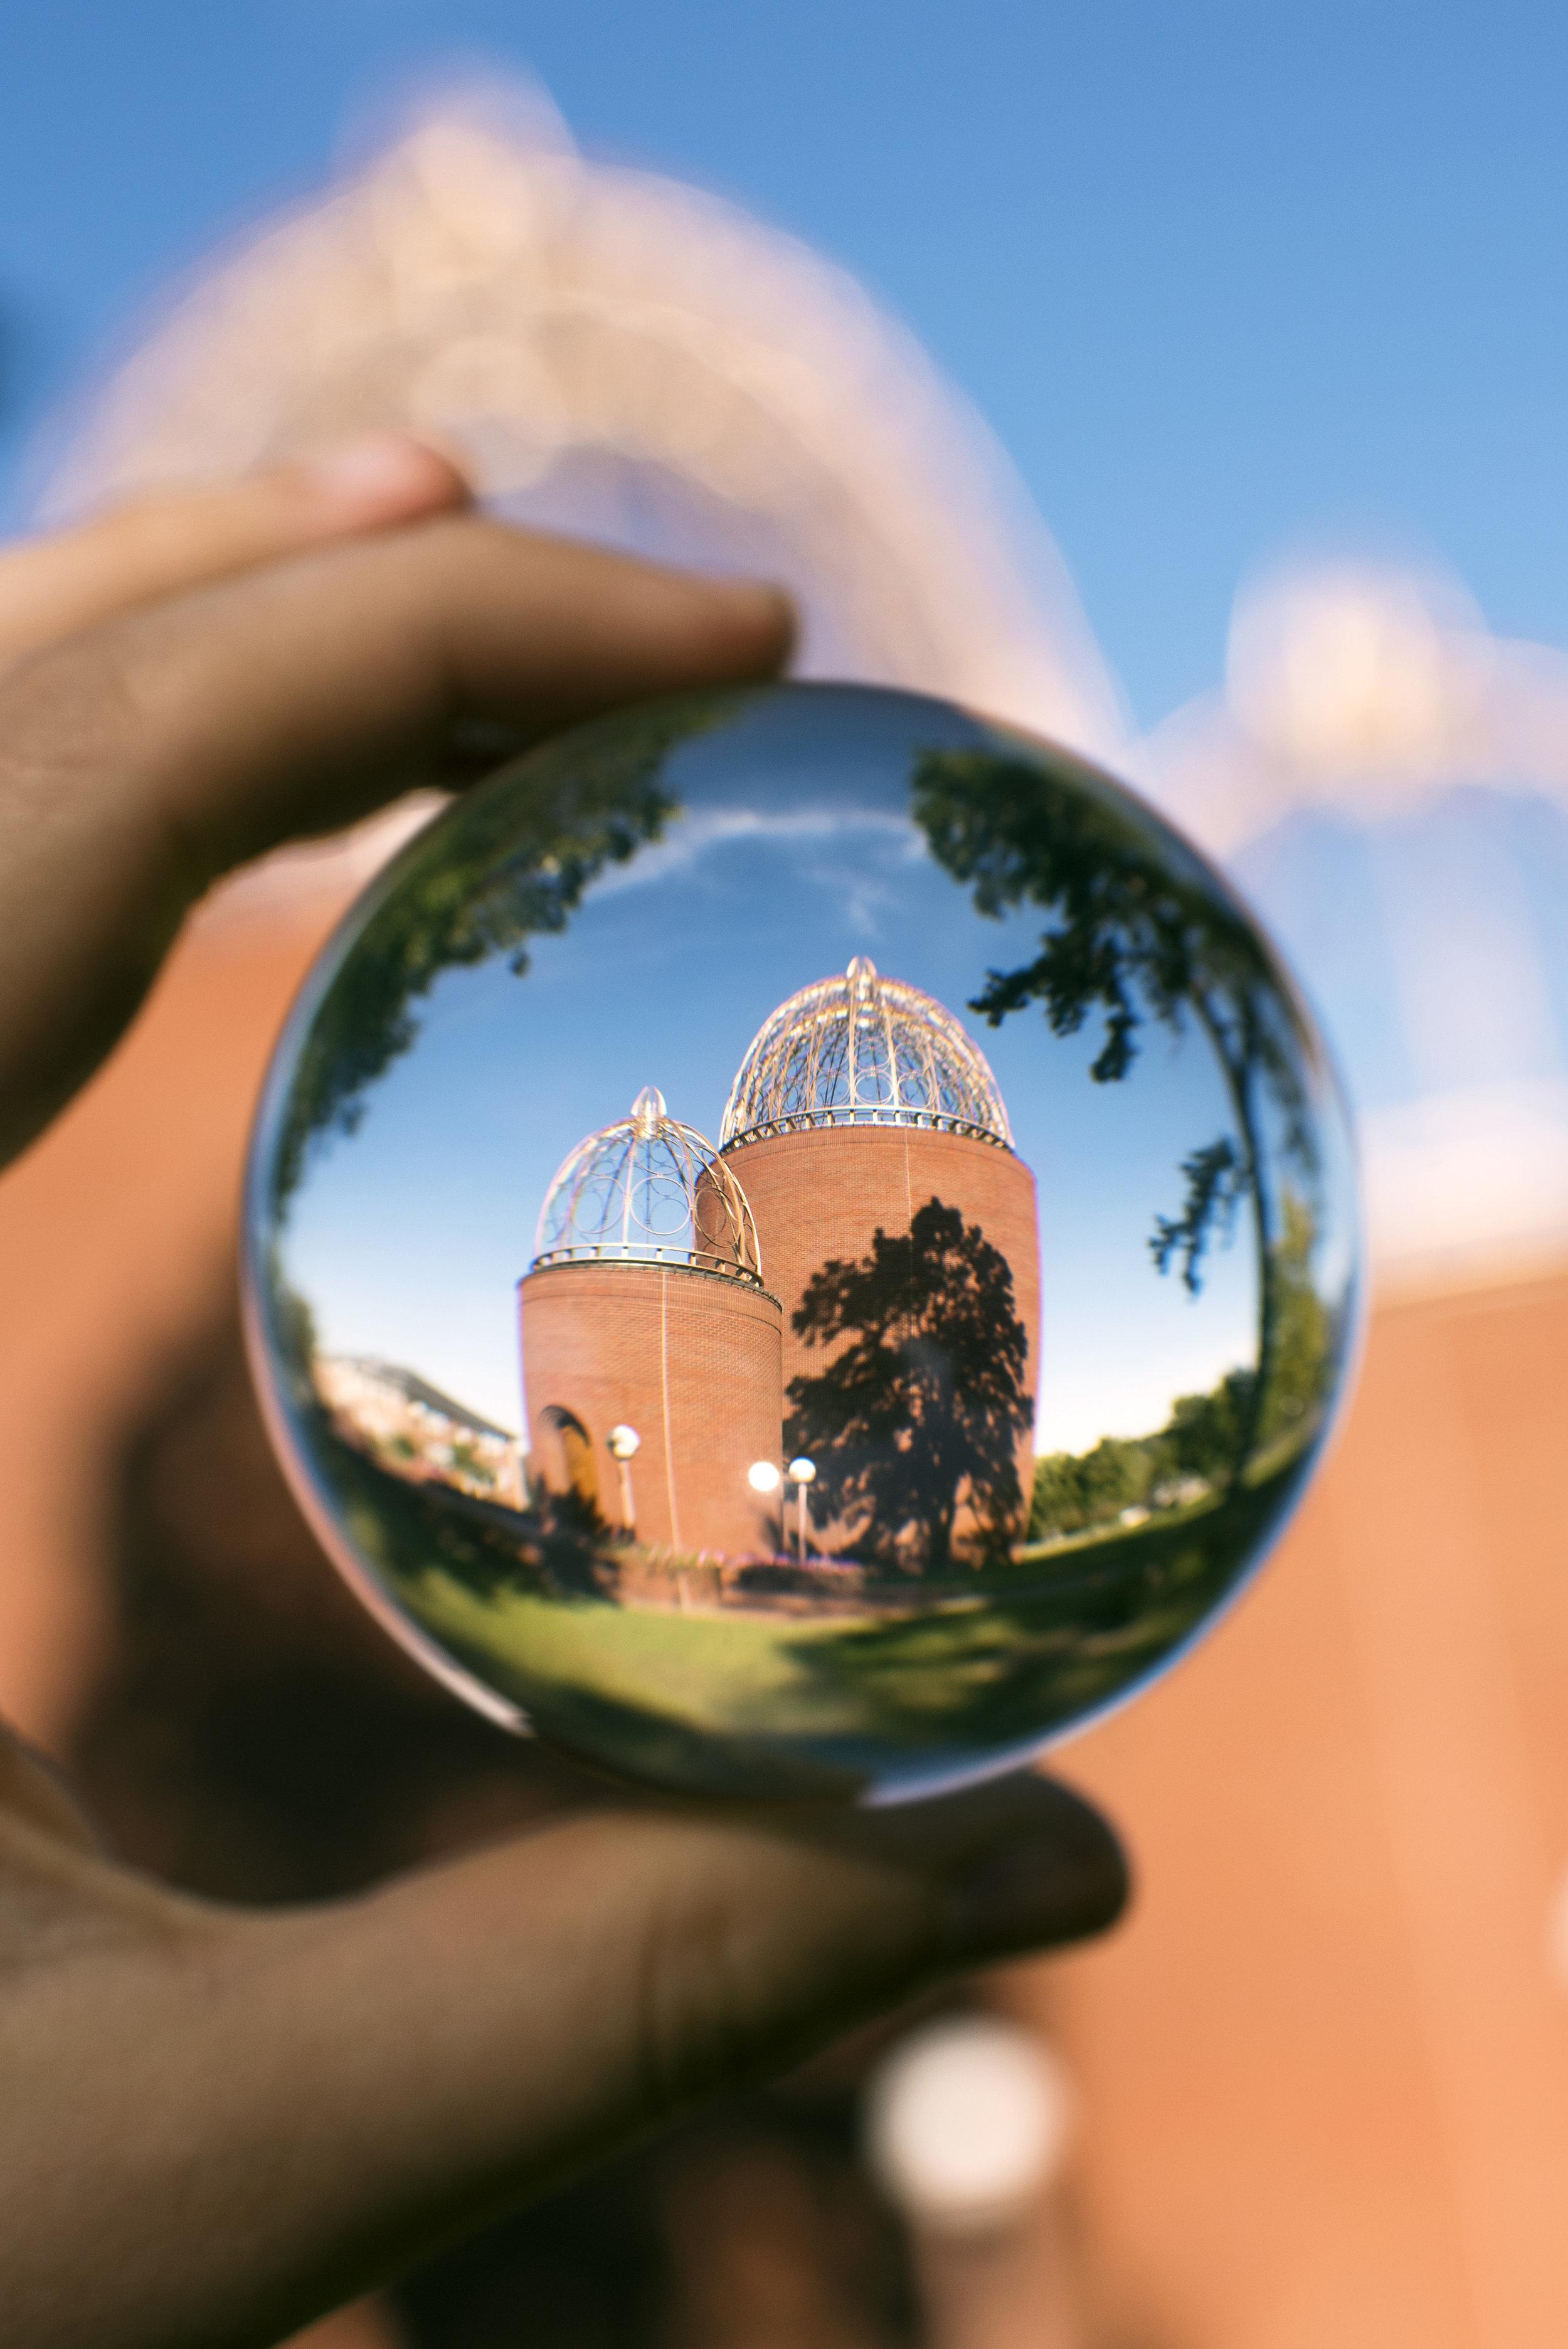 campuscrystalball.jpg